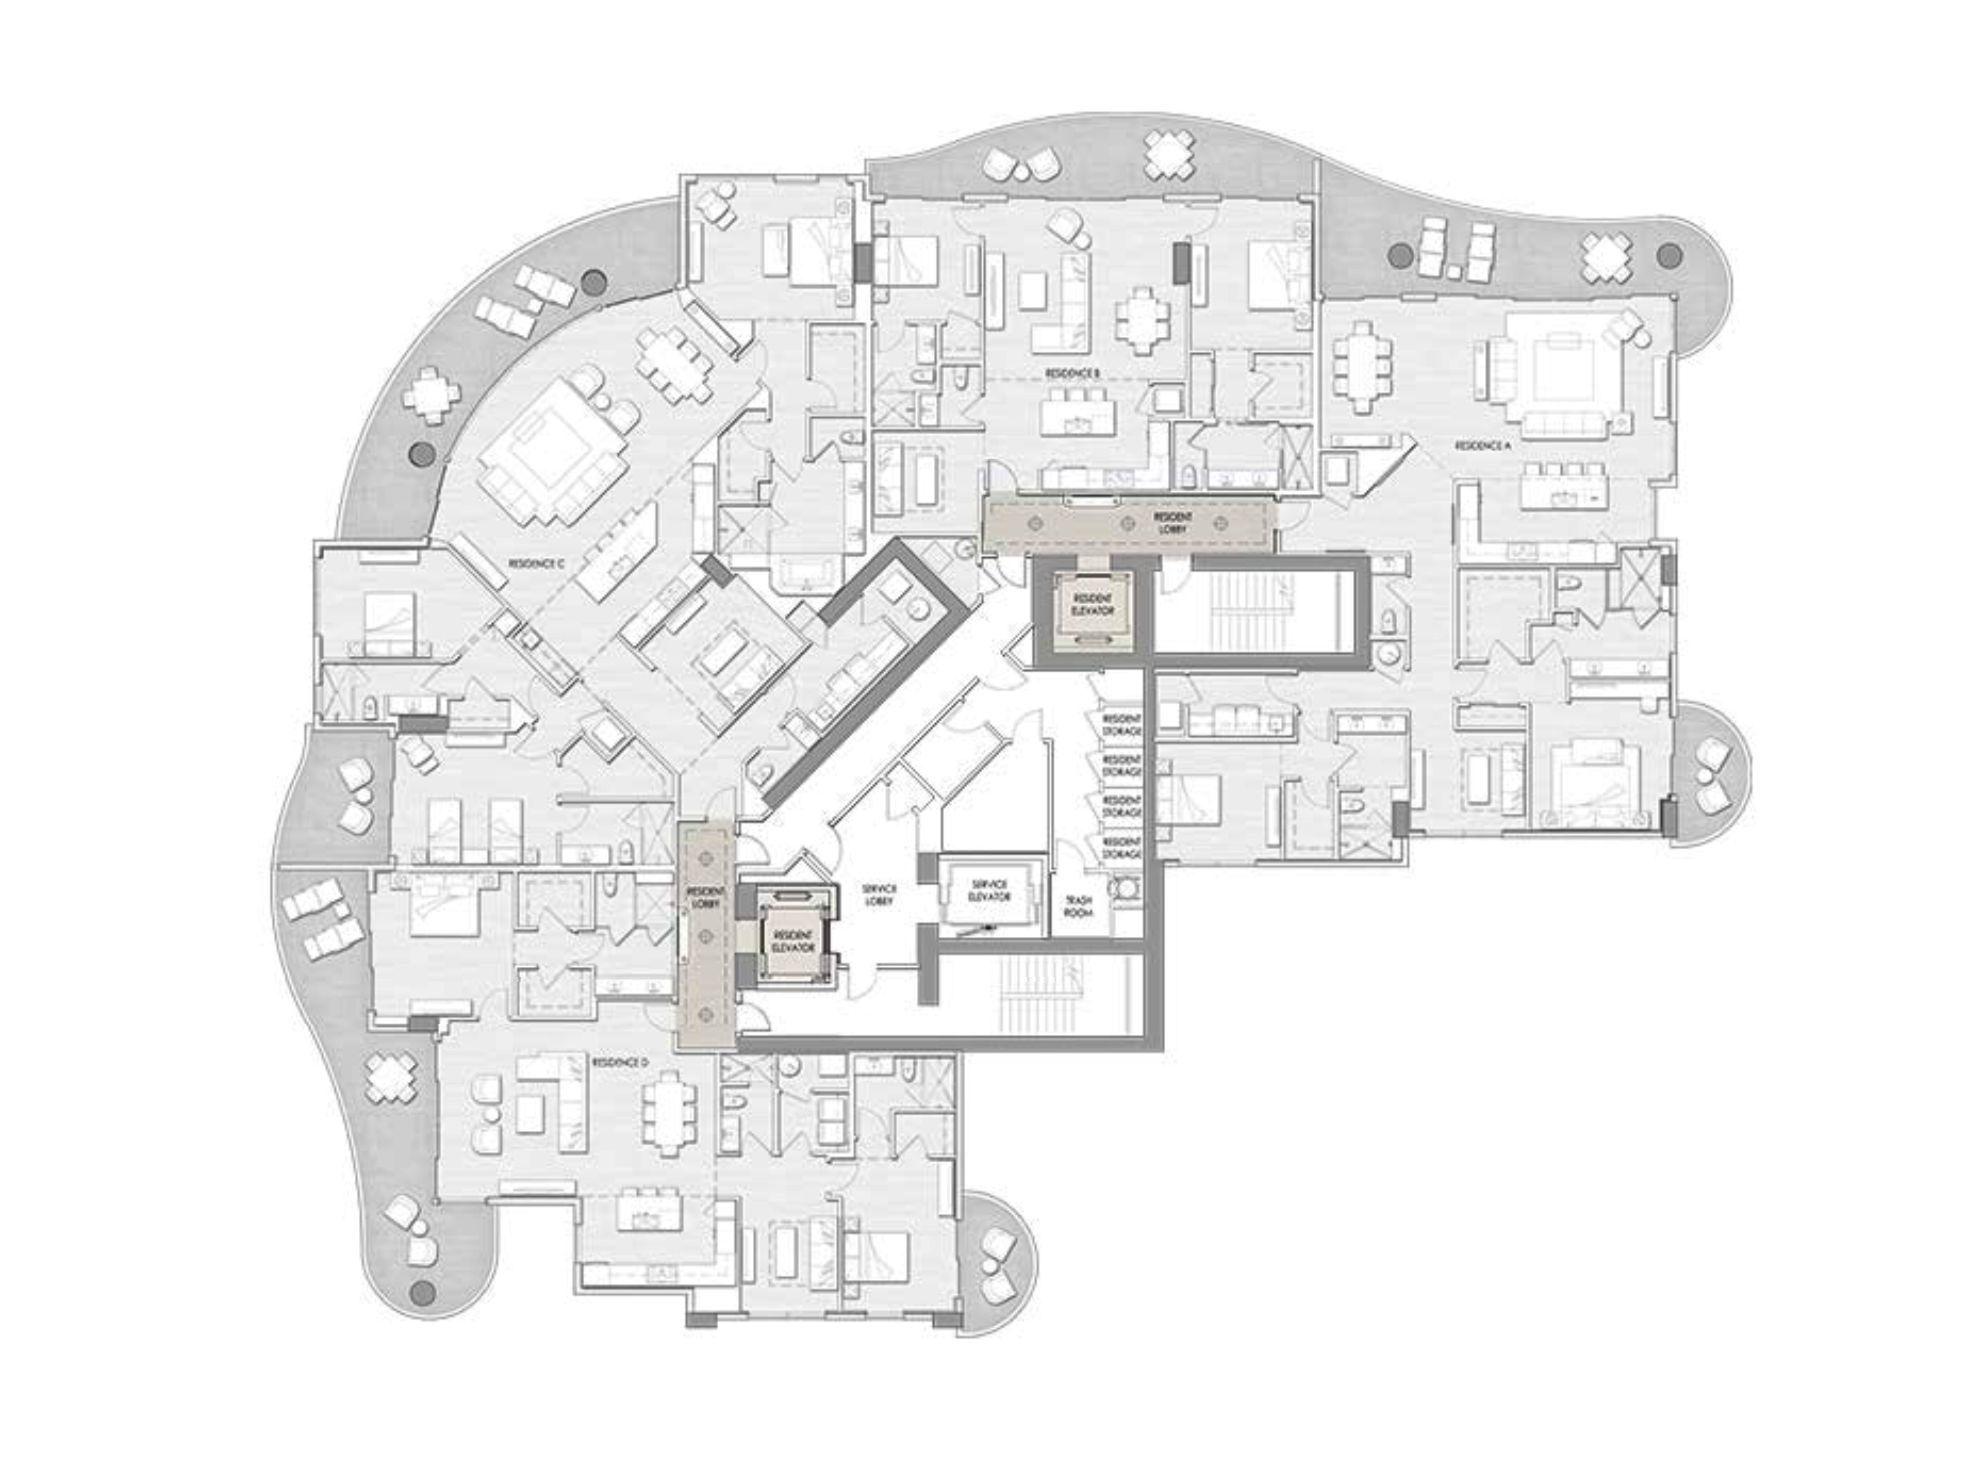 100 Las Olas Fort Lauderdale In 2020 Floor Plans Las Olas Fort Lauderdale Las Olas Boulevard